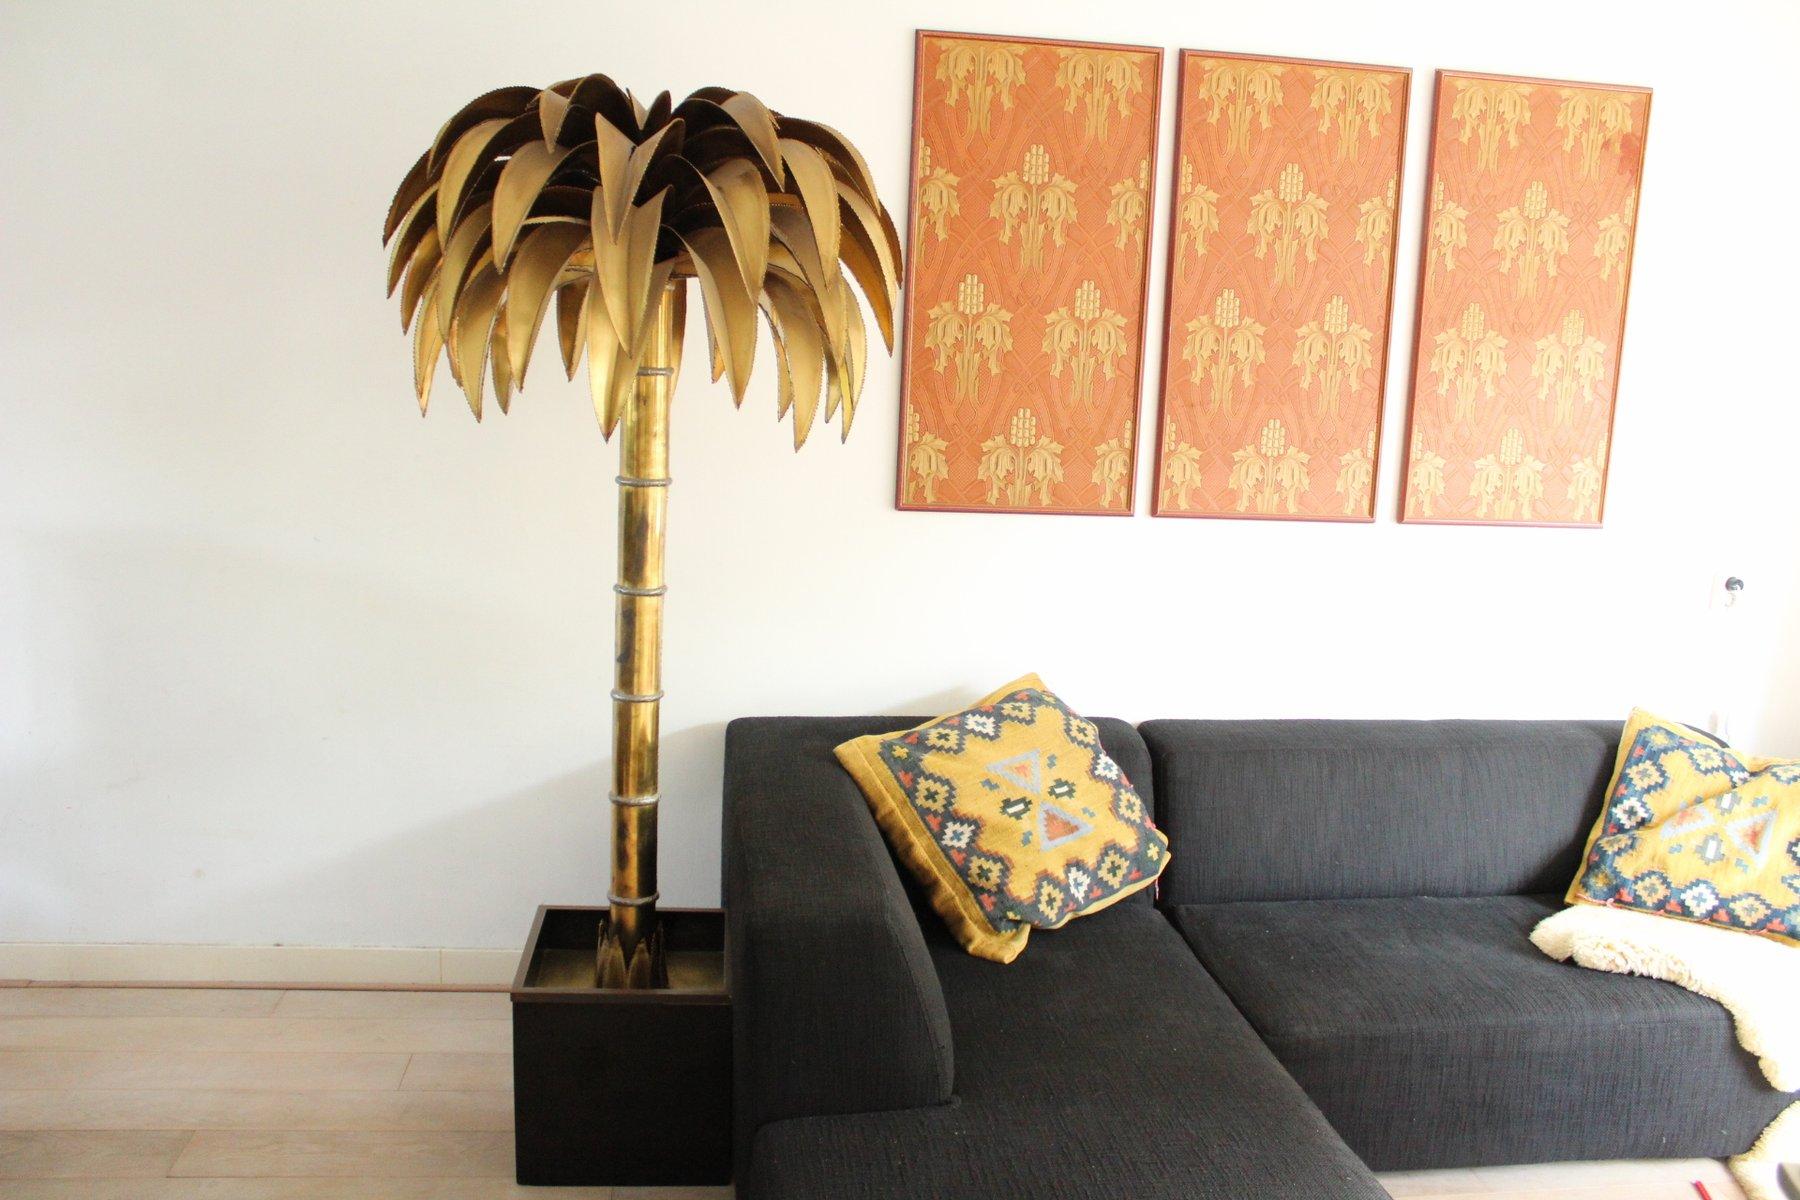 Vintage Palm Tree Floor Lamp from Maison Jansen